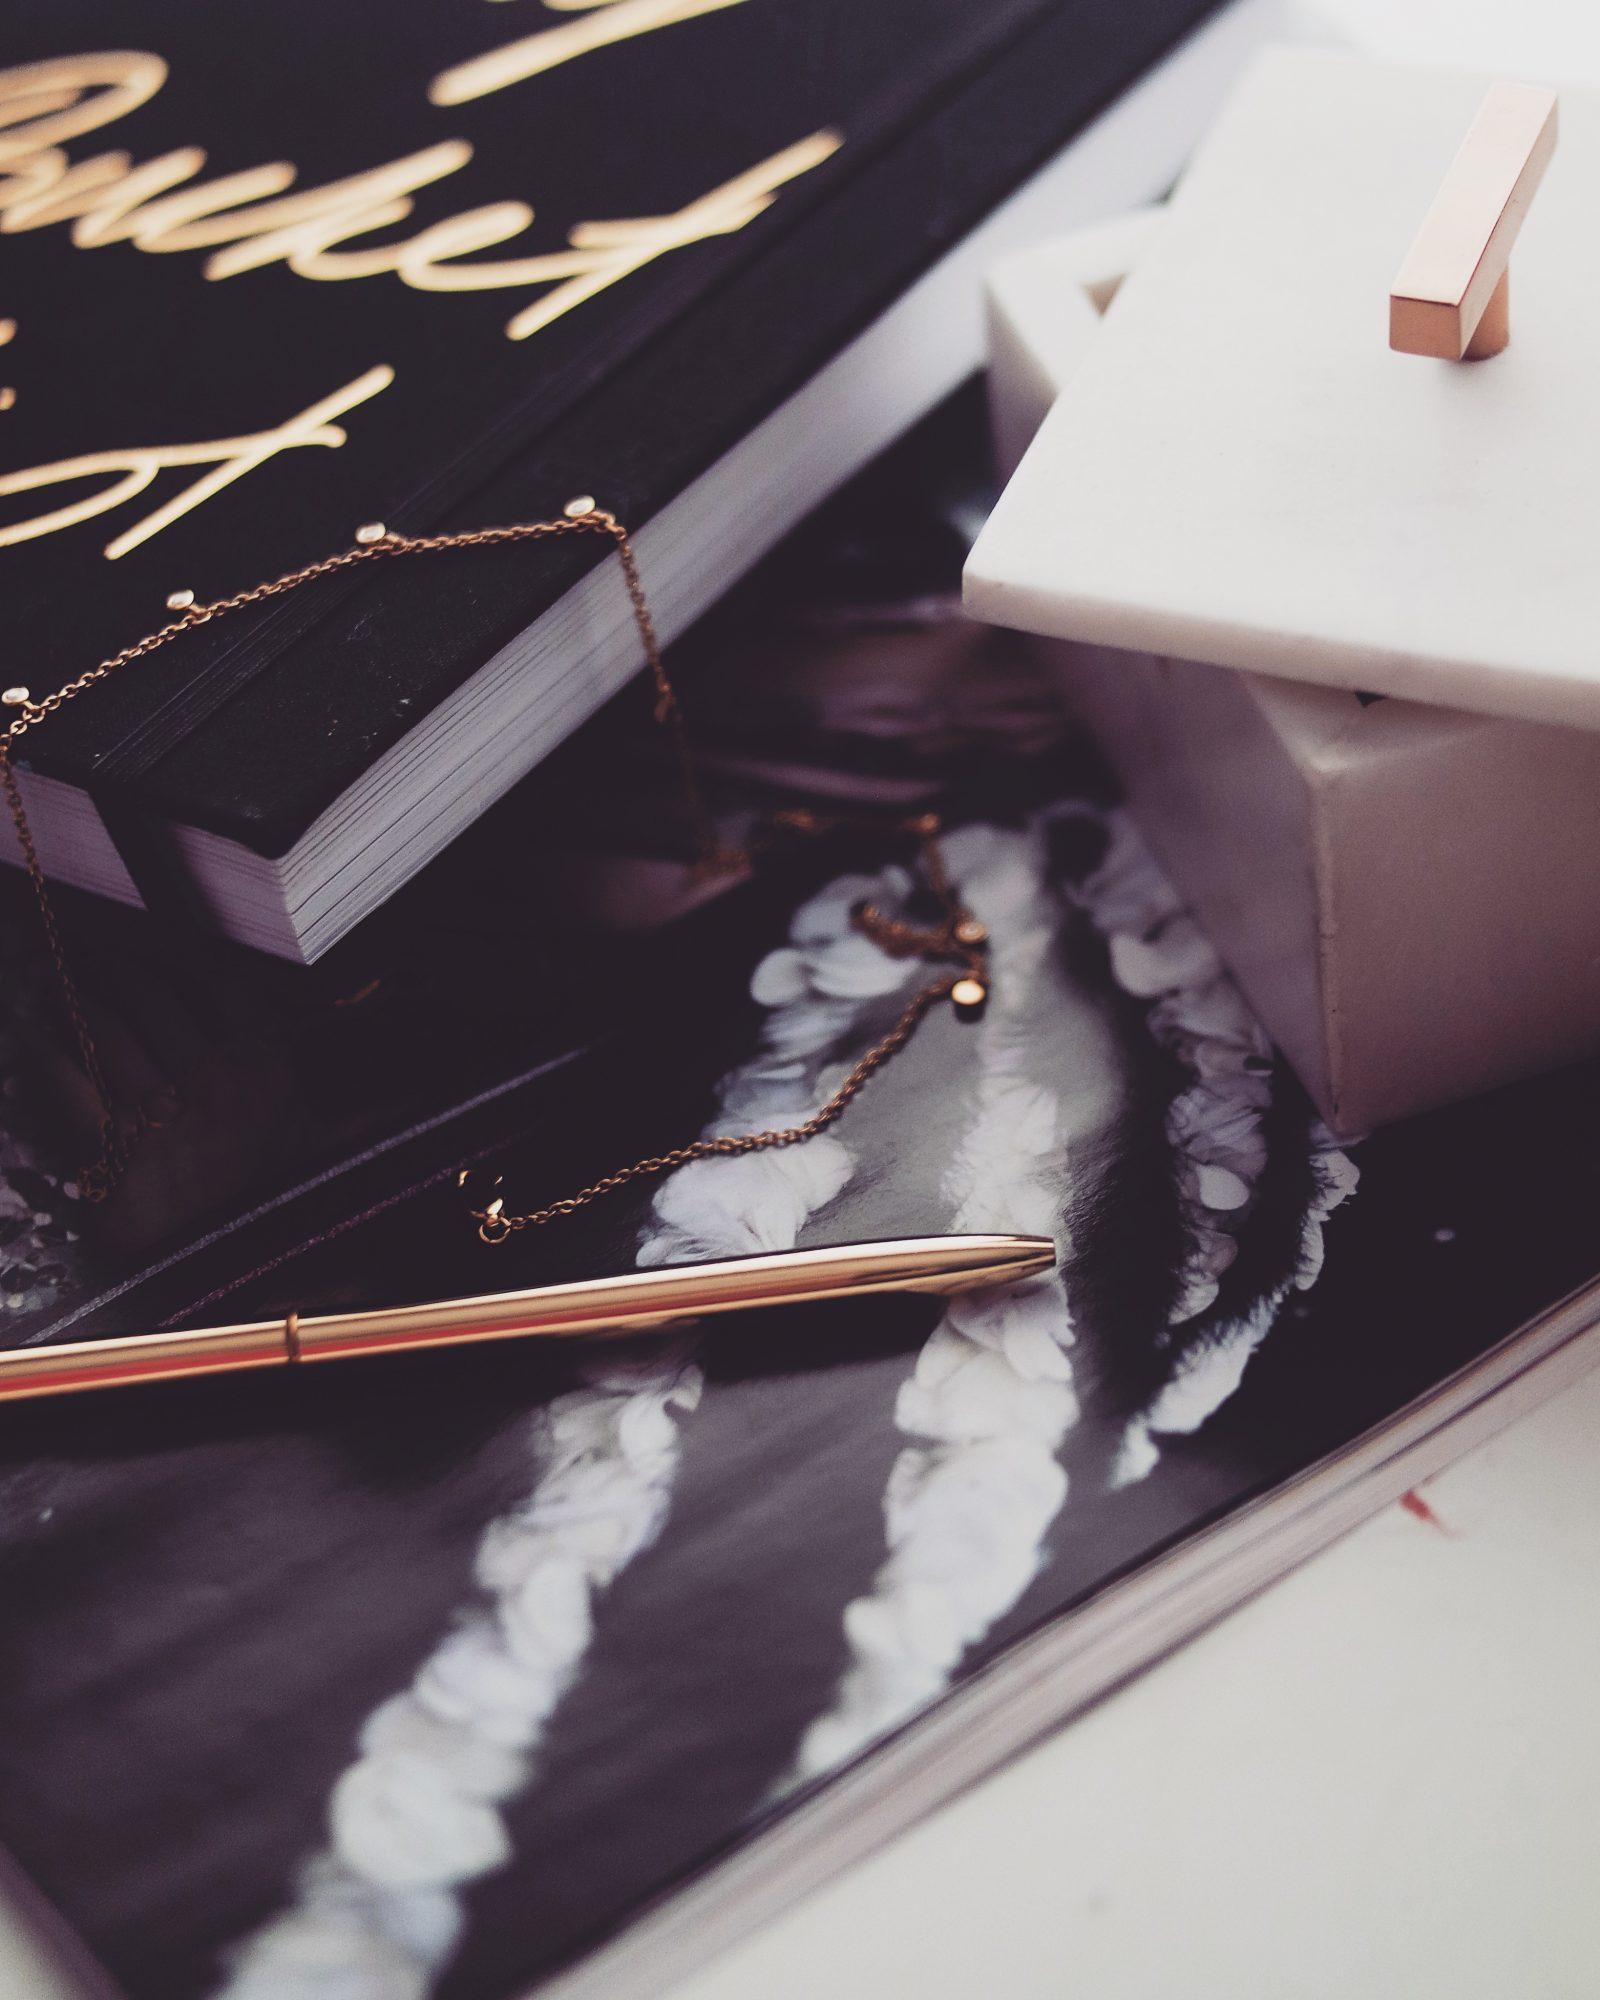 The Secret - Gold Pen